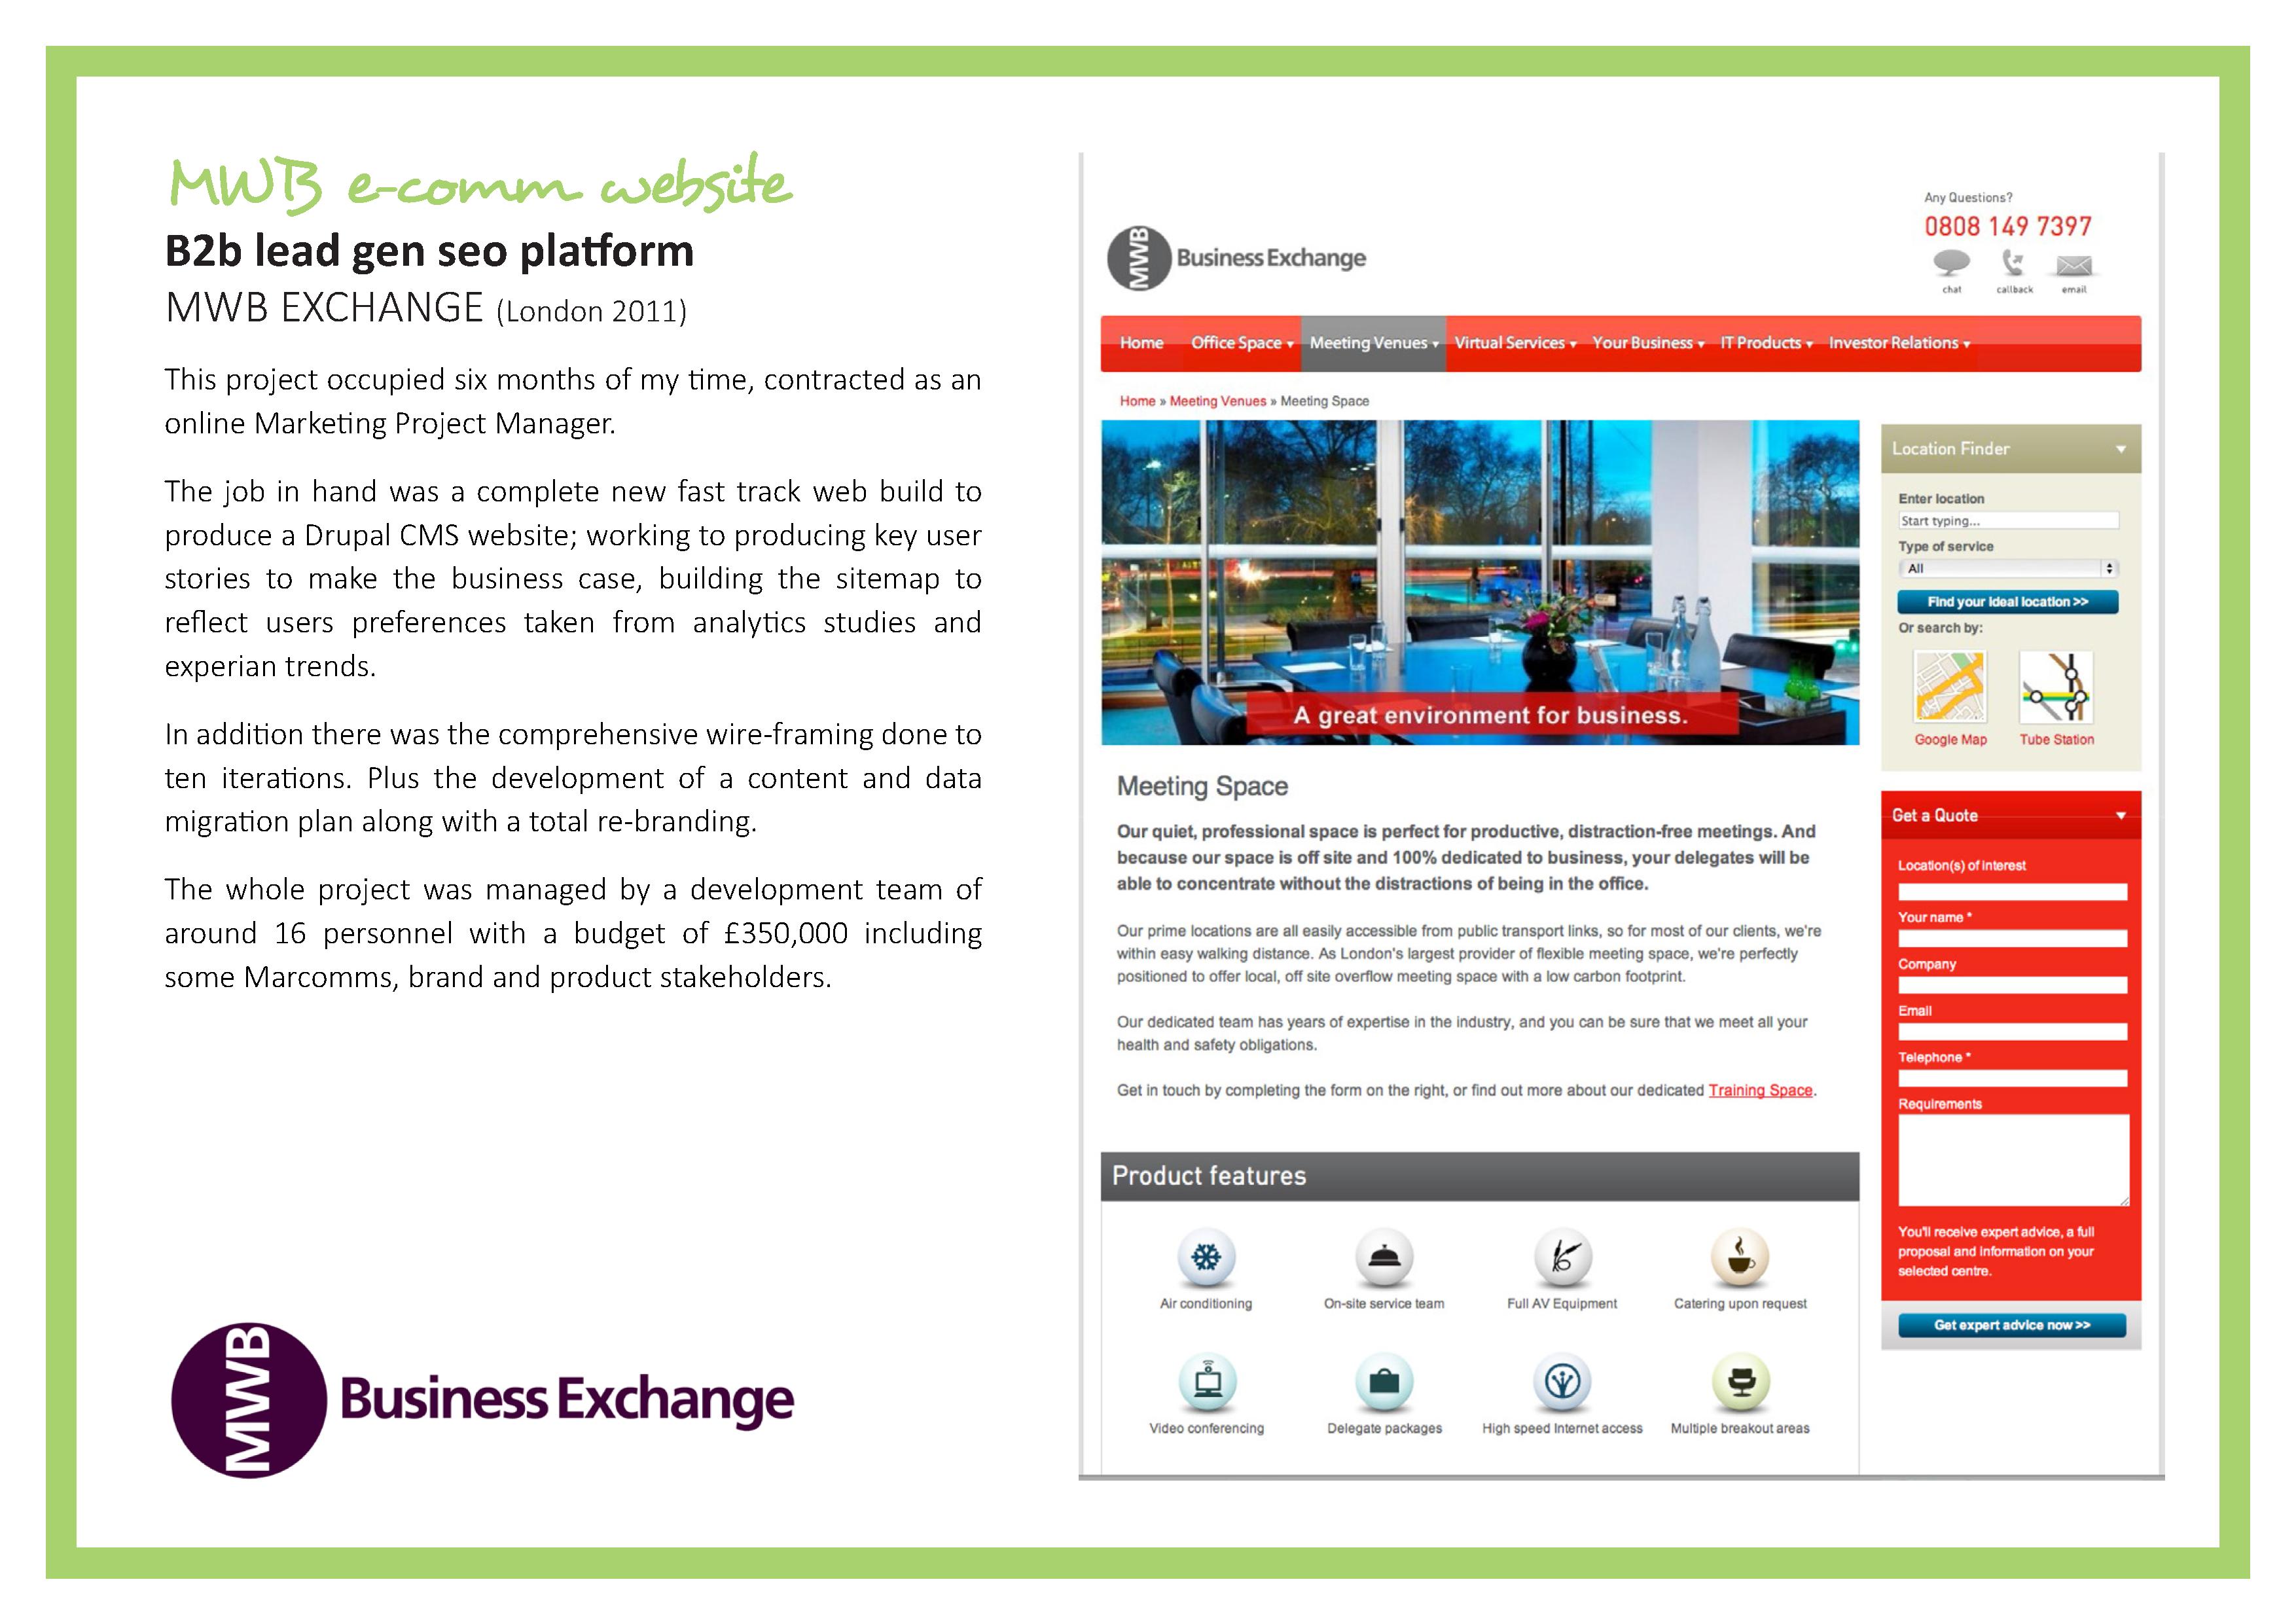 Property rental lead generation website